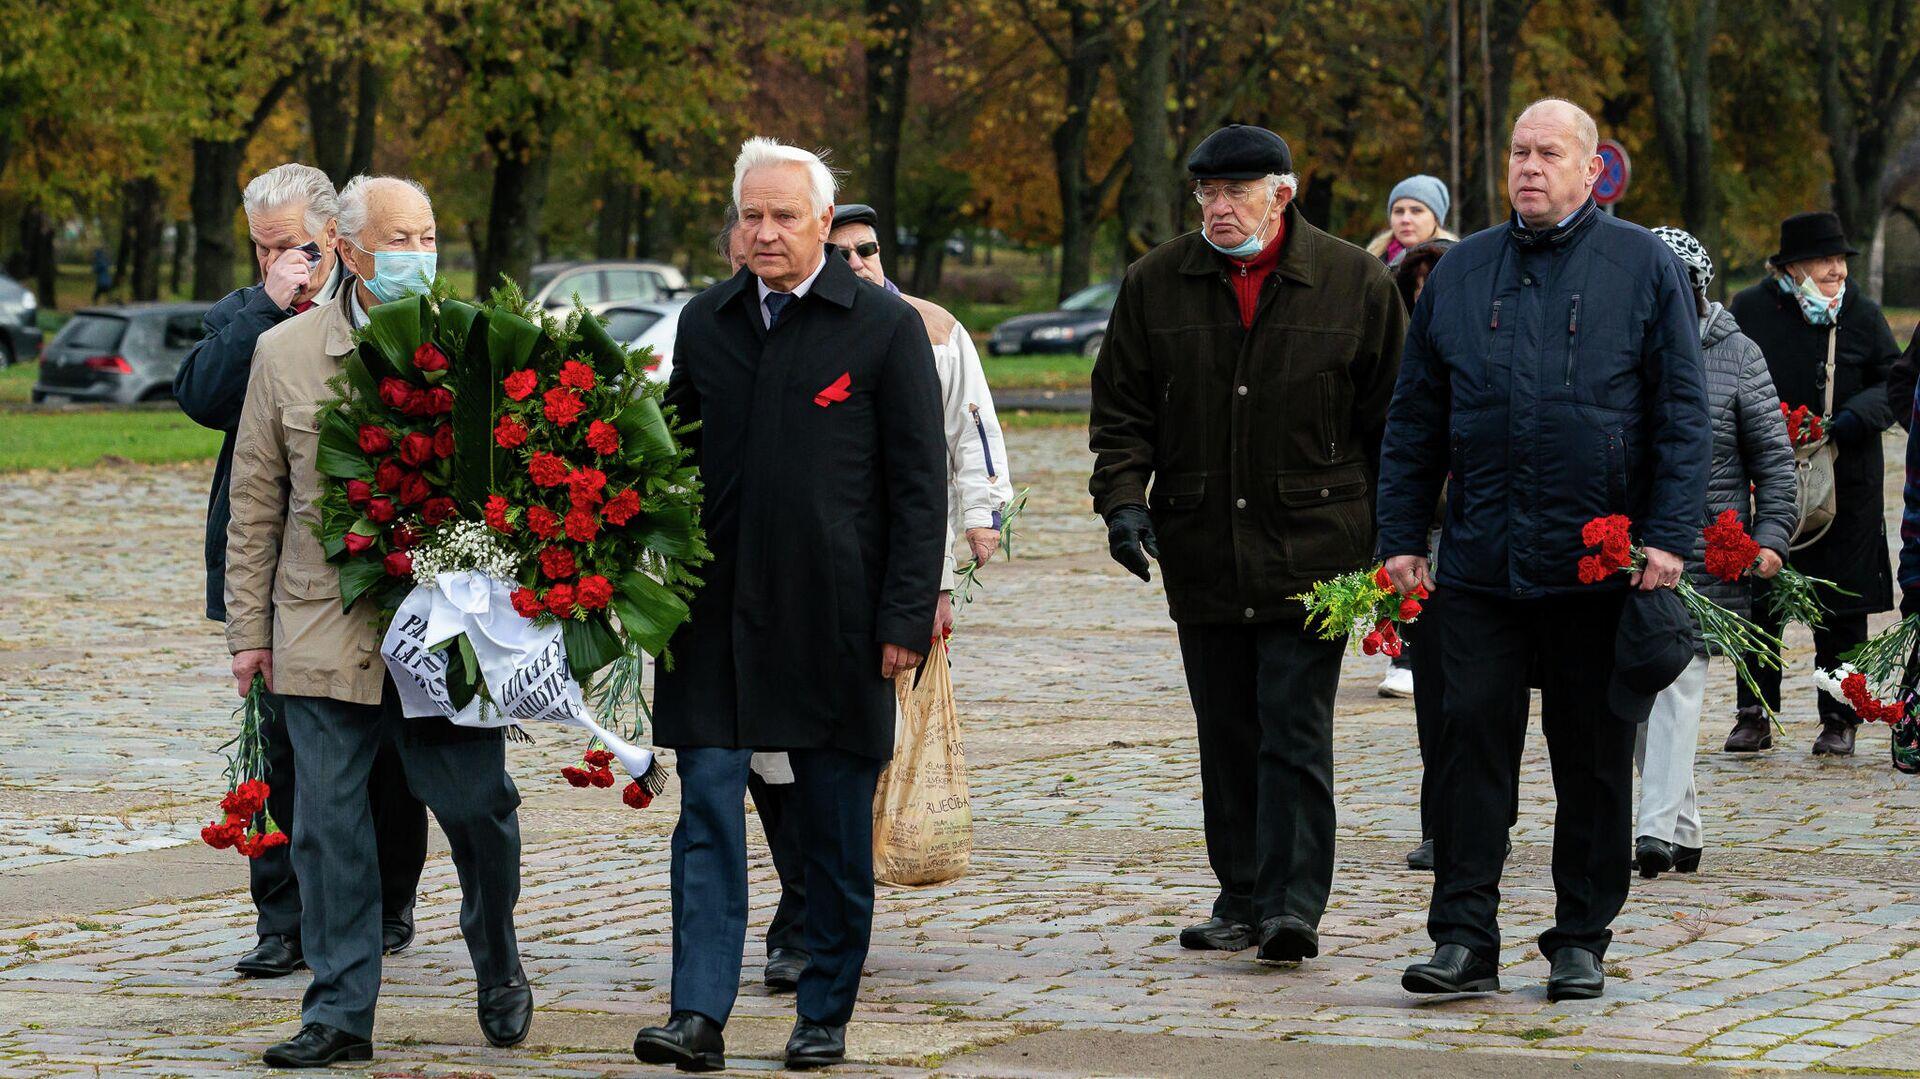 13 октября в День освобождения Риги от немецко-фашистских захватчиков дипломаты посольства России, представители РСЛ, Соцпартии и общественных организаций возложили цветы к памятнику Освободителям Риги в Задвинье - Sputnik Латвия, 1920, 14.10.2021